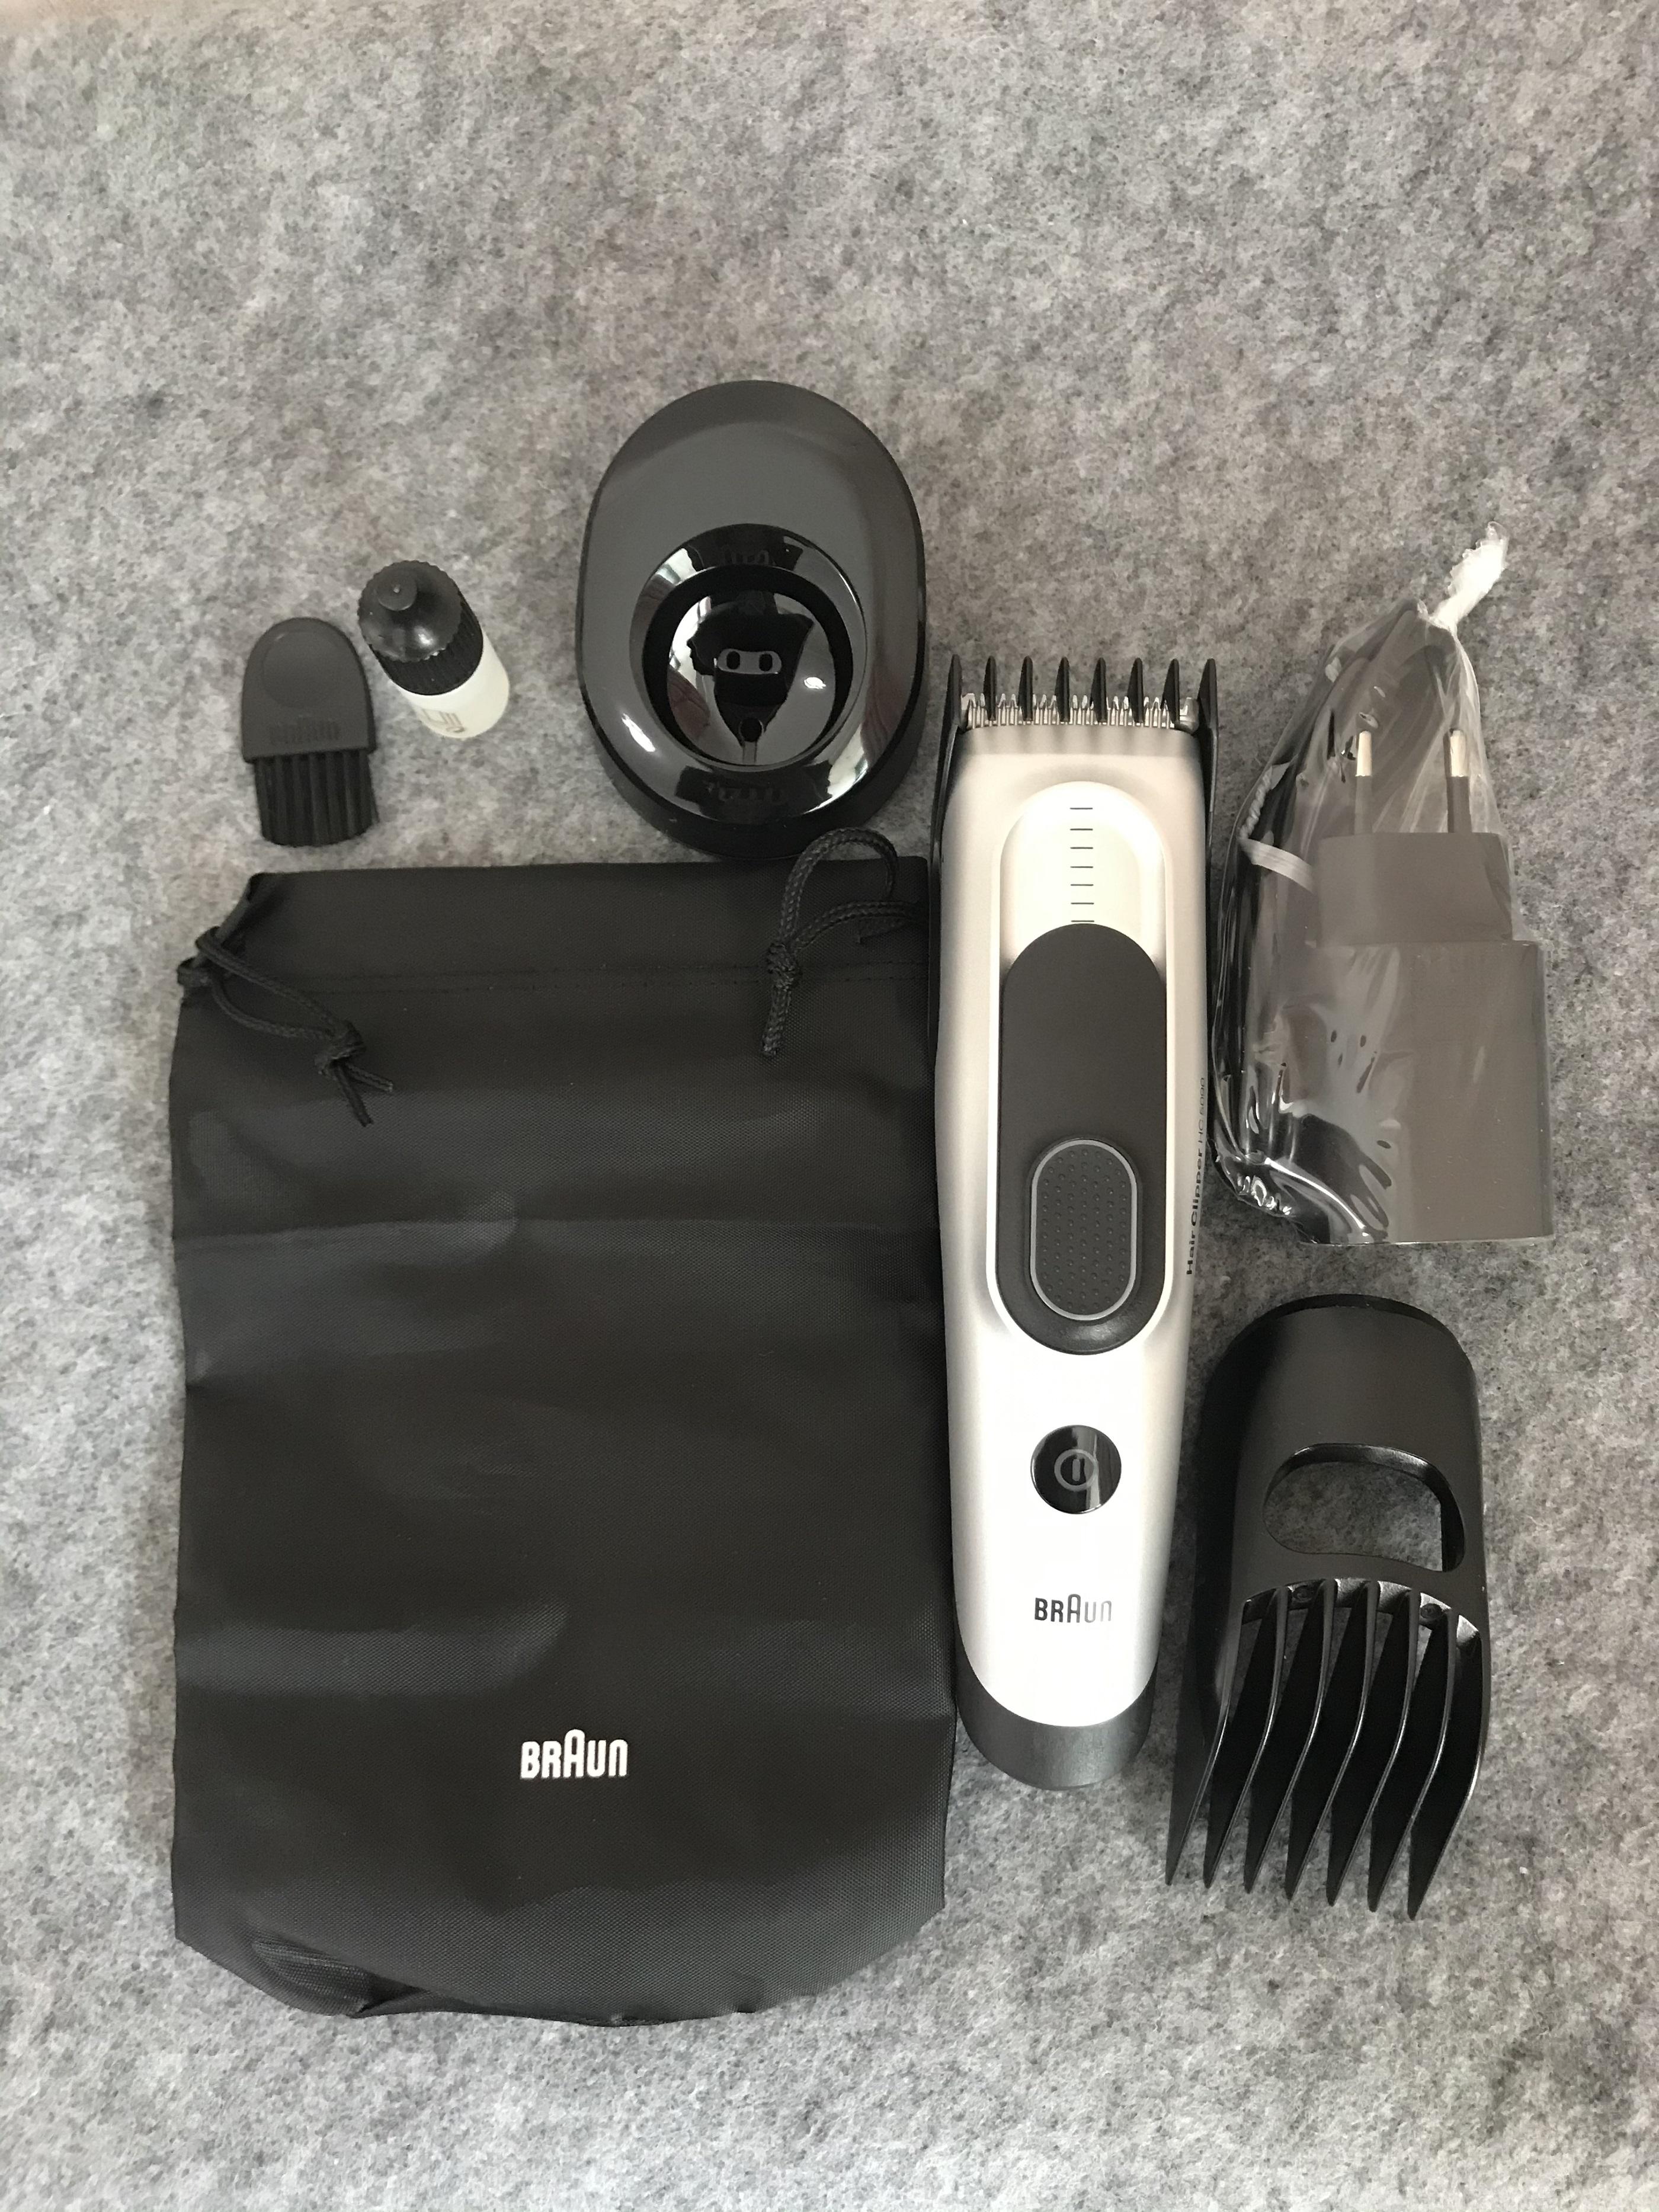 ปัตตาเลี่ยนเด็กจุดเยอรมันBraunHC5090/5010/5050Clipperผมไฟฟ้าผู้ใหญ่เด็กมีดโกนเด็ก ioTv